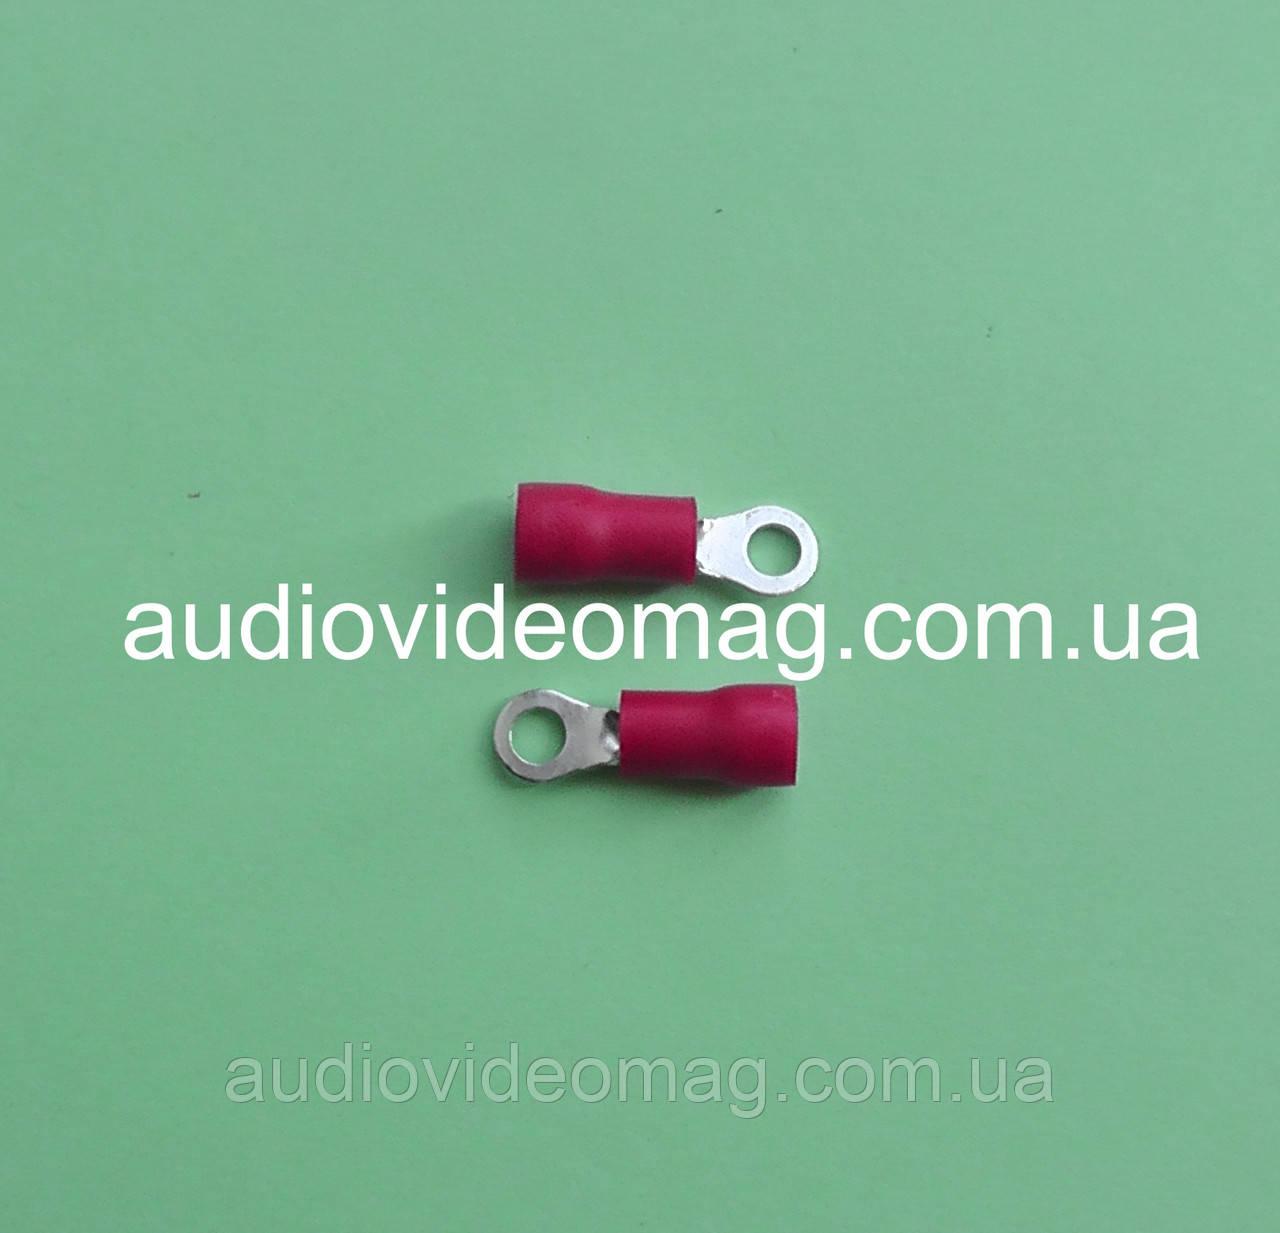 Клемма кольцевая под контакт 3 мм с изоляцией, упаковка 50 шт.